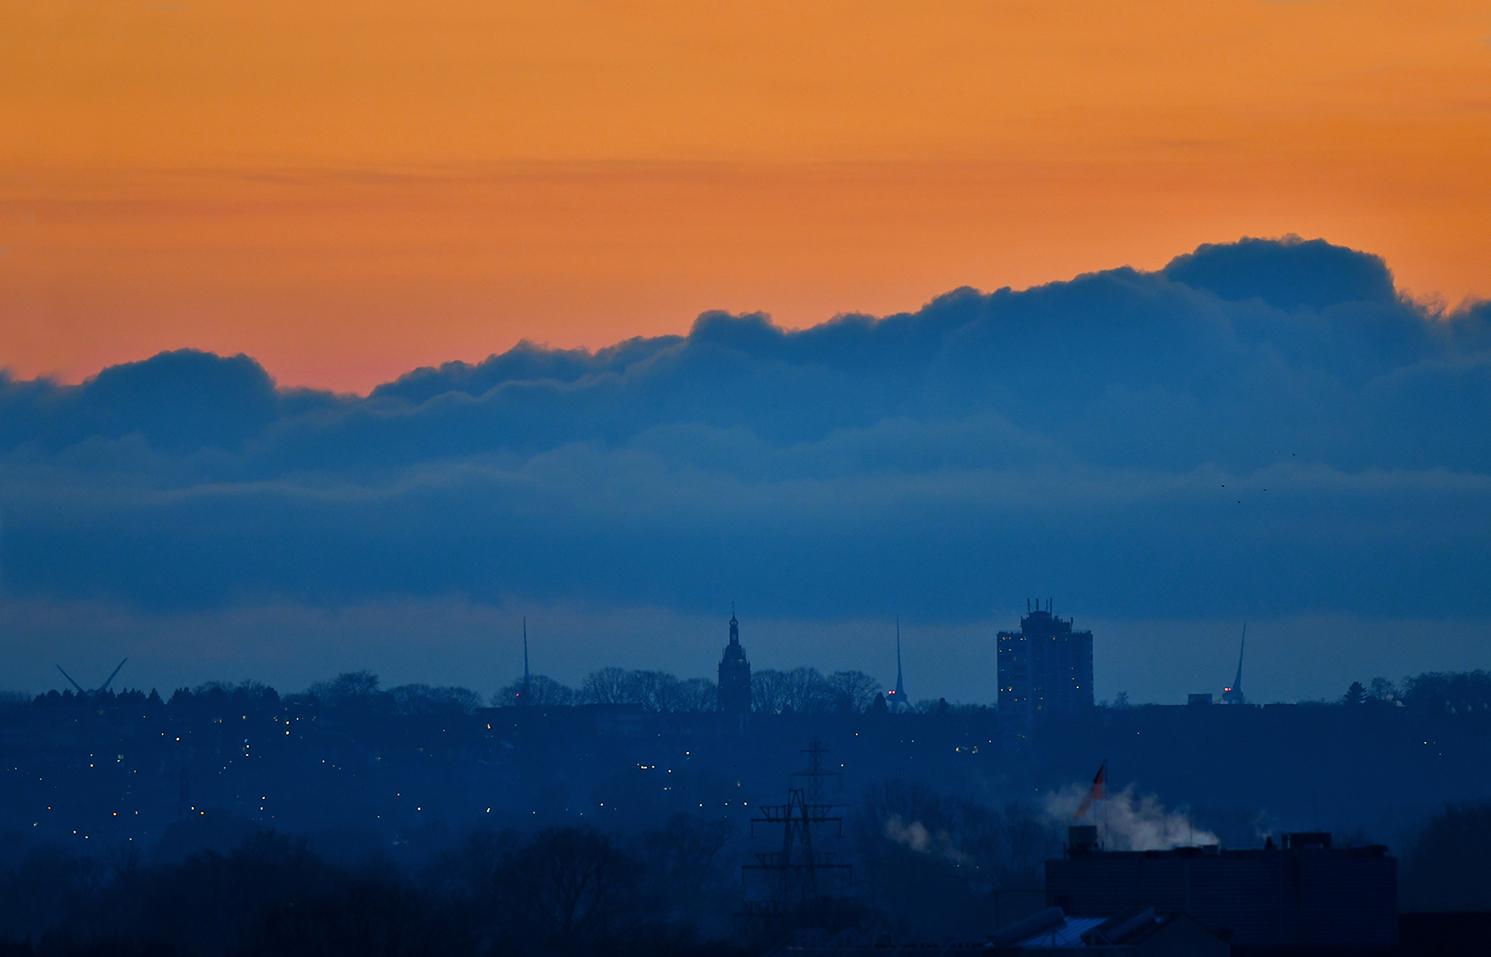 Vanavond konden we heel mooi vanaf ons balkon Rhenen zien liggen aan de horizon - Foto: ©Louis Fraanje